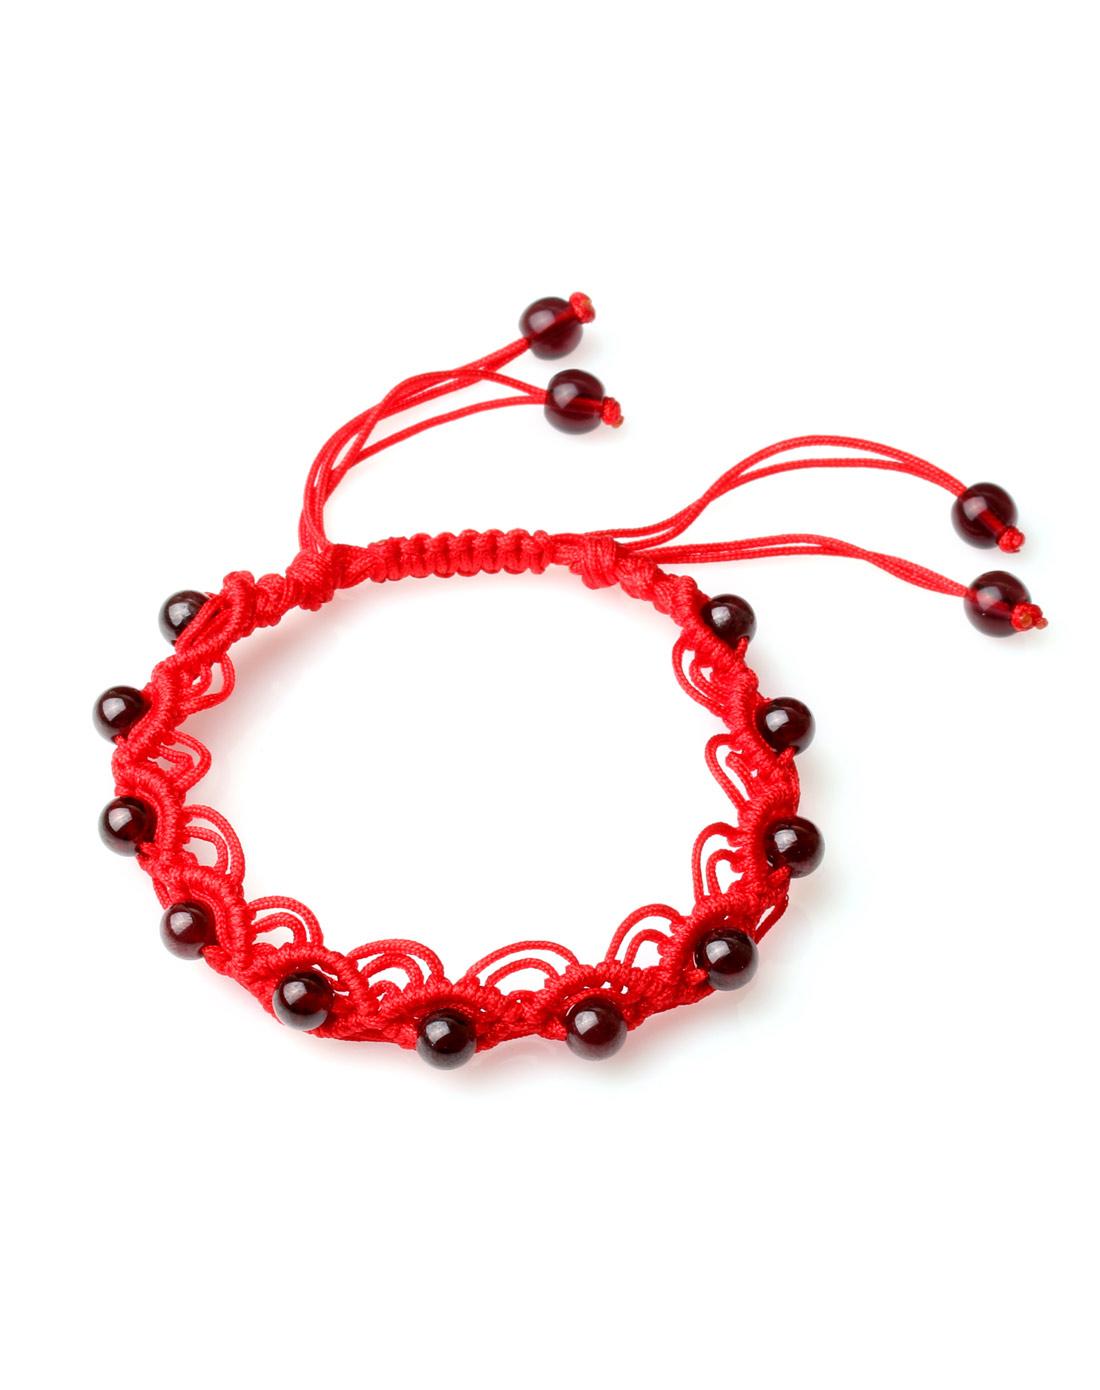 天然石榴石纯手工编绳嵌珠手链附证书